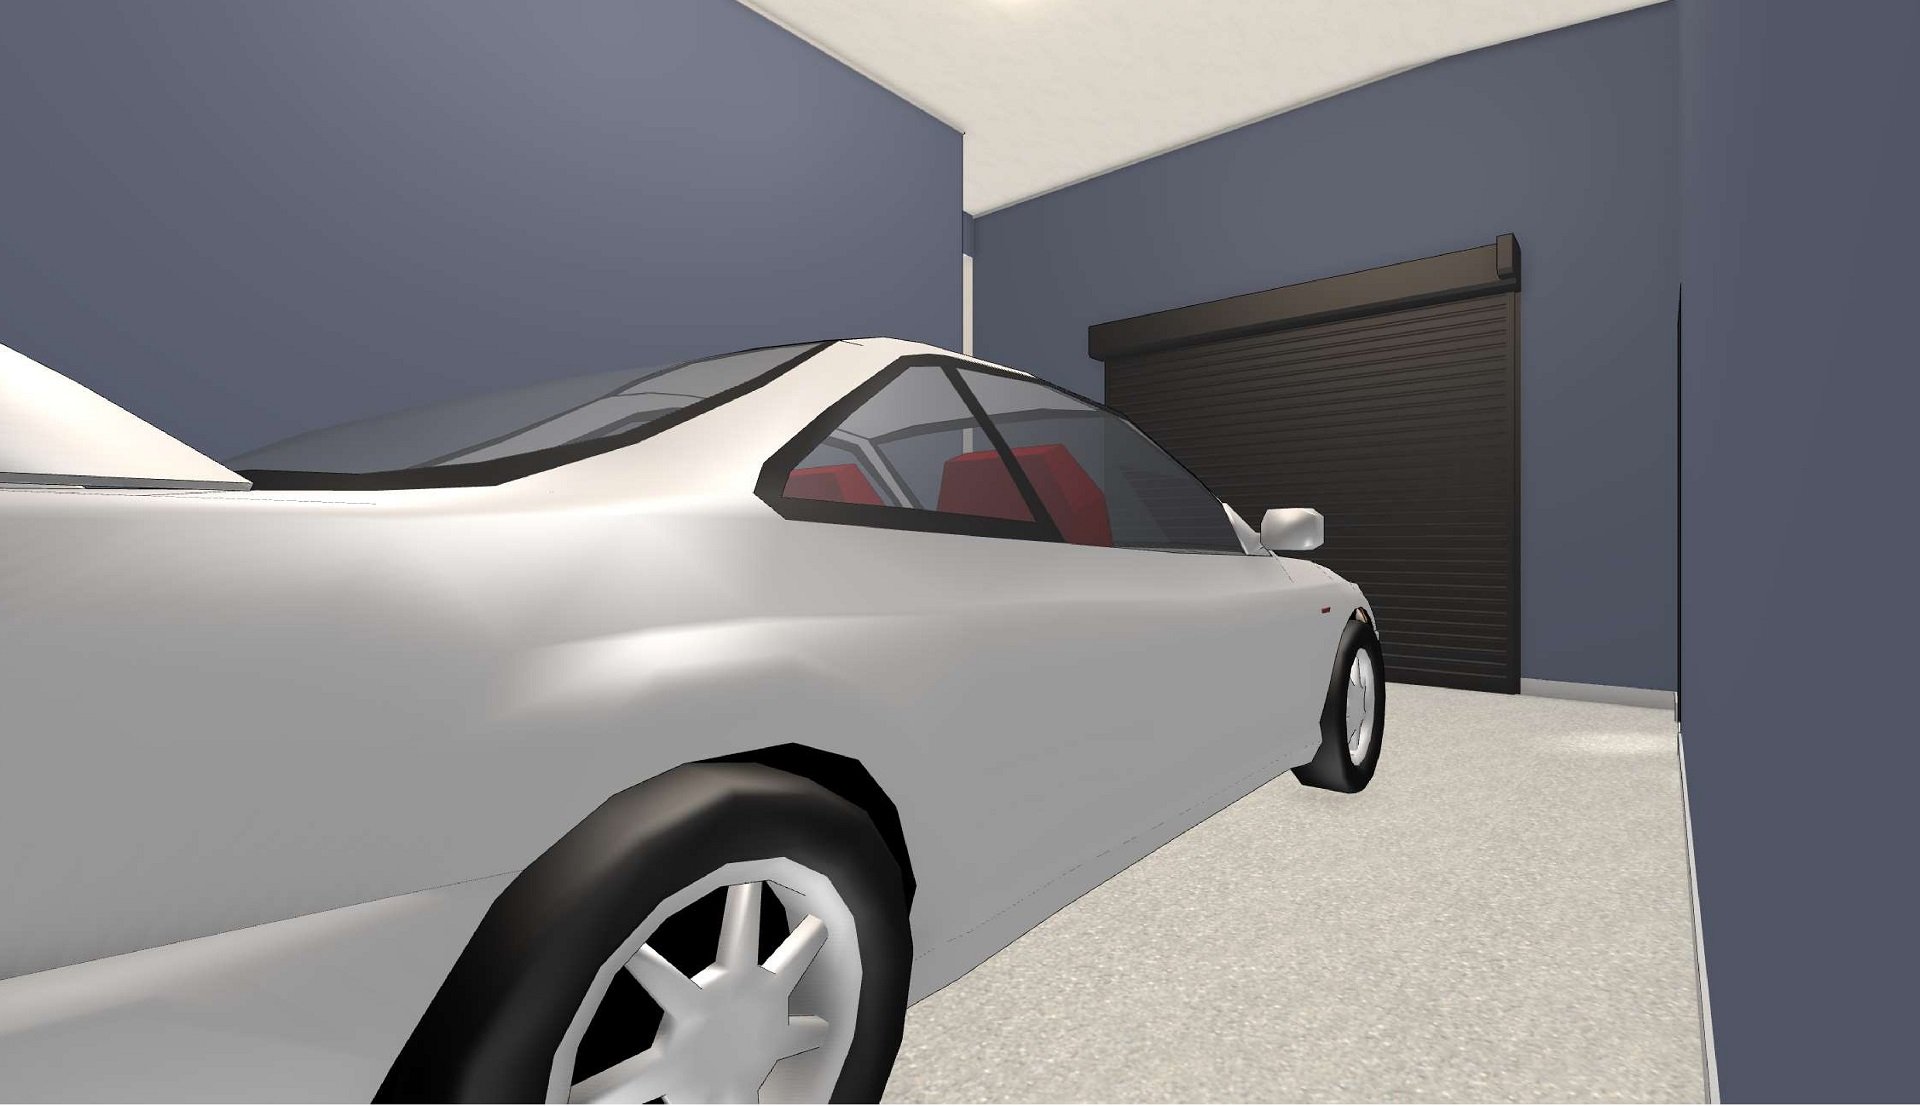 ガレージ4_000001